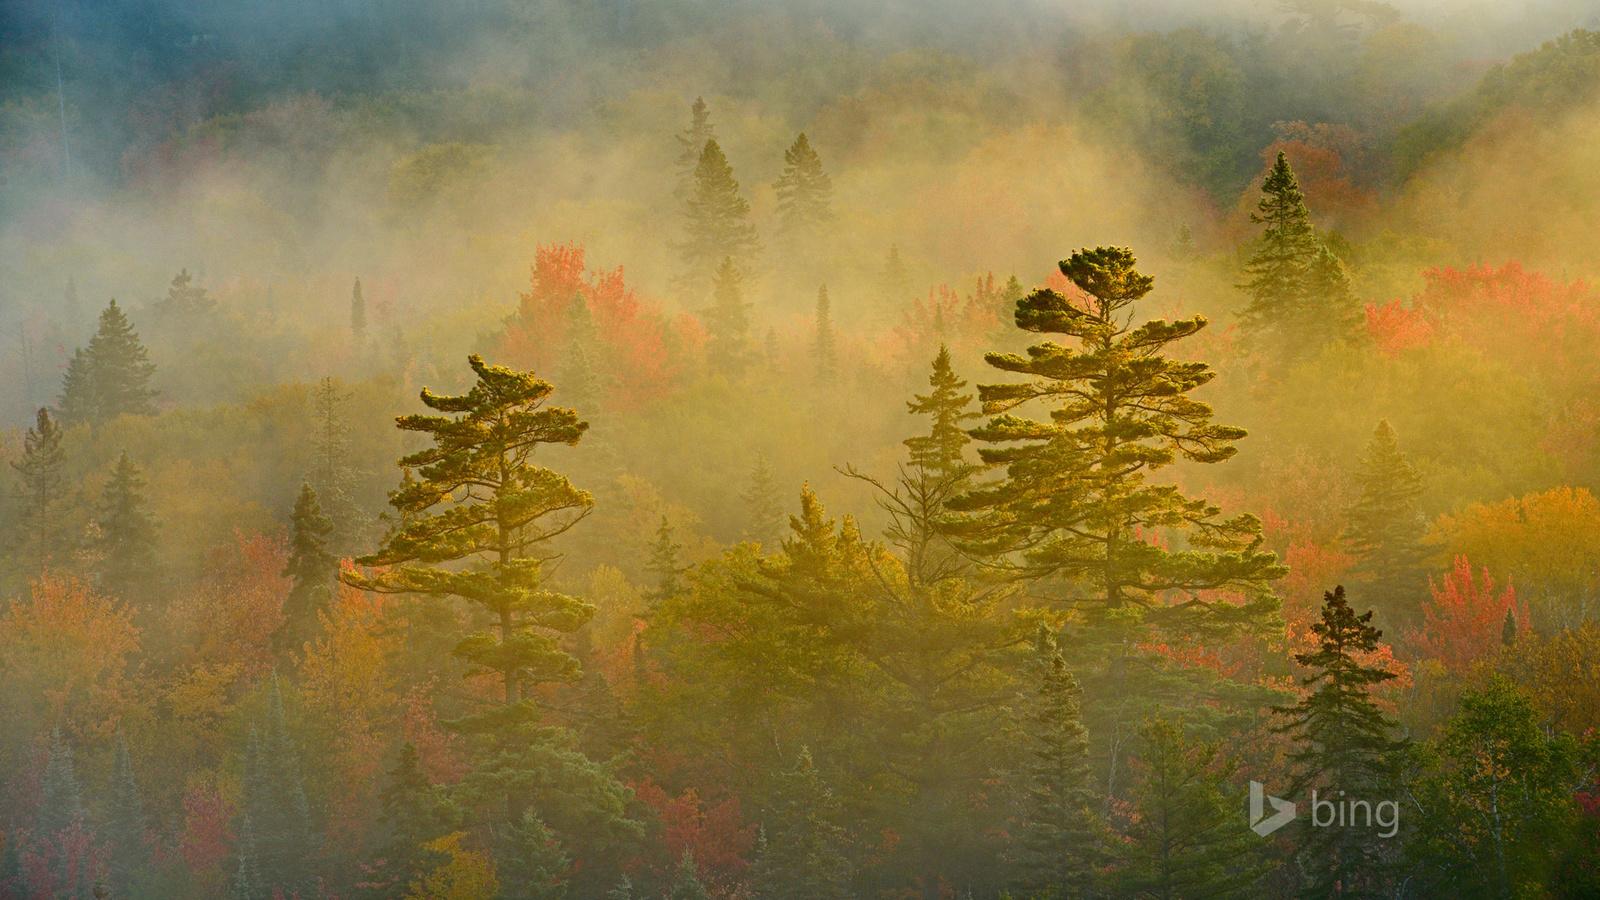 лес, туман, bing